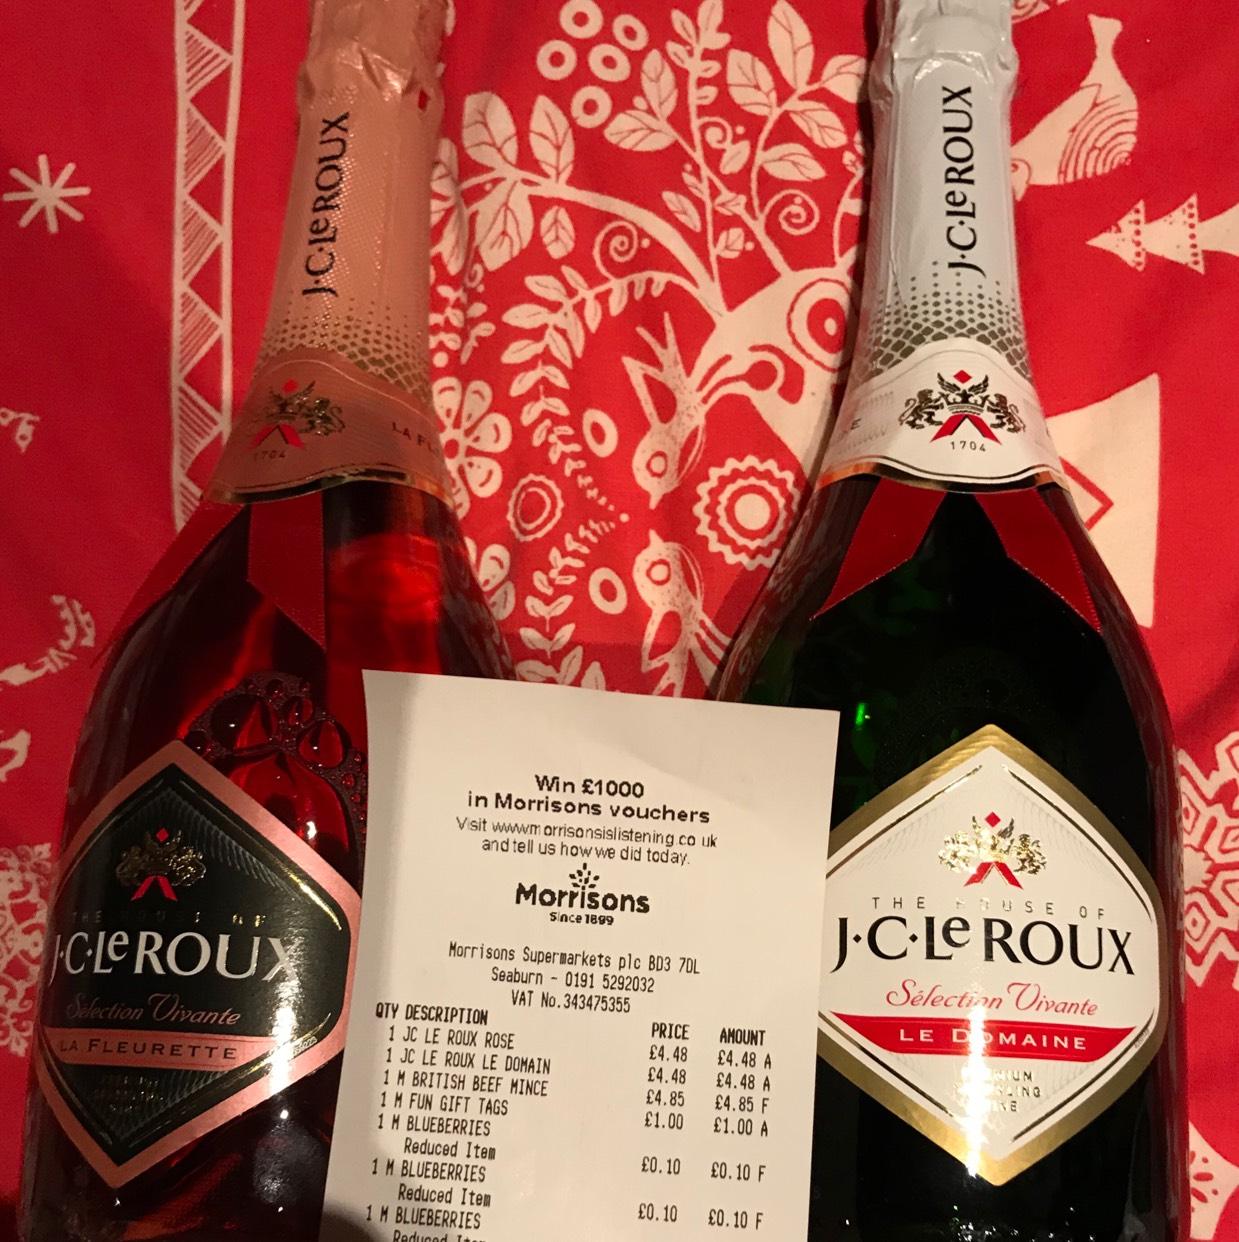 JC Le Roux Sparkling Wine - Morrisons Sunderland, Seaburn Instore - £4.48